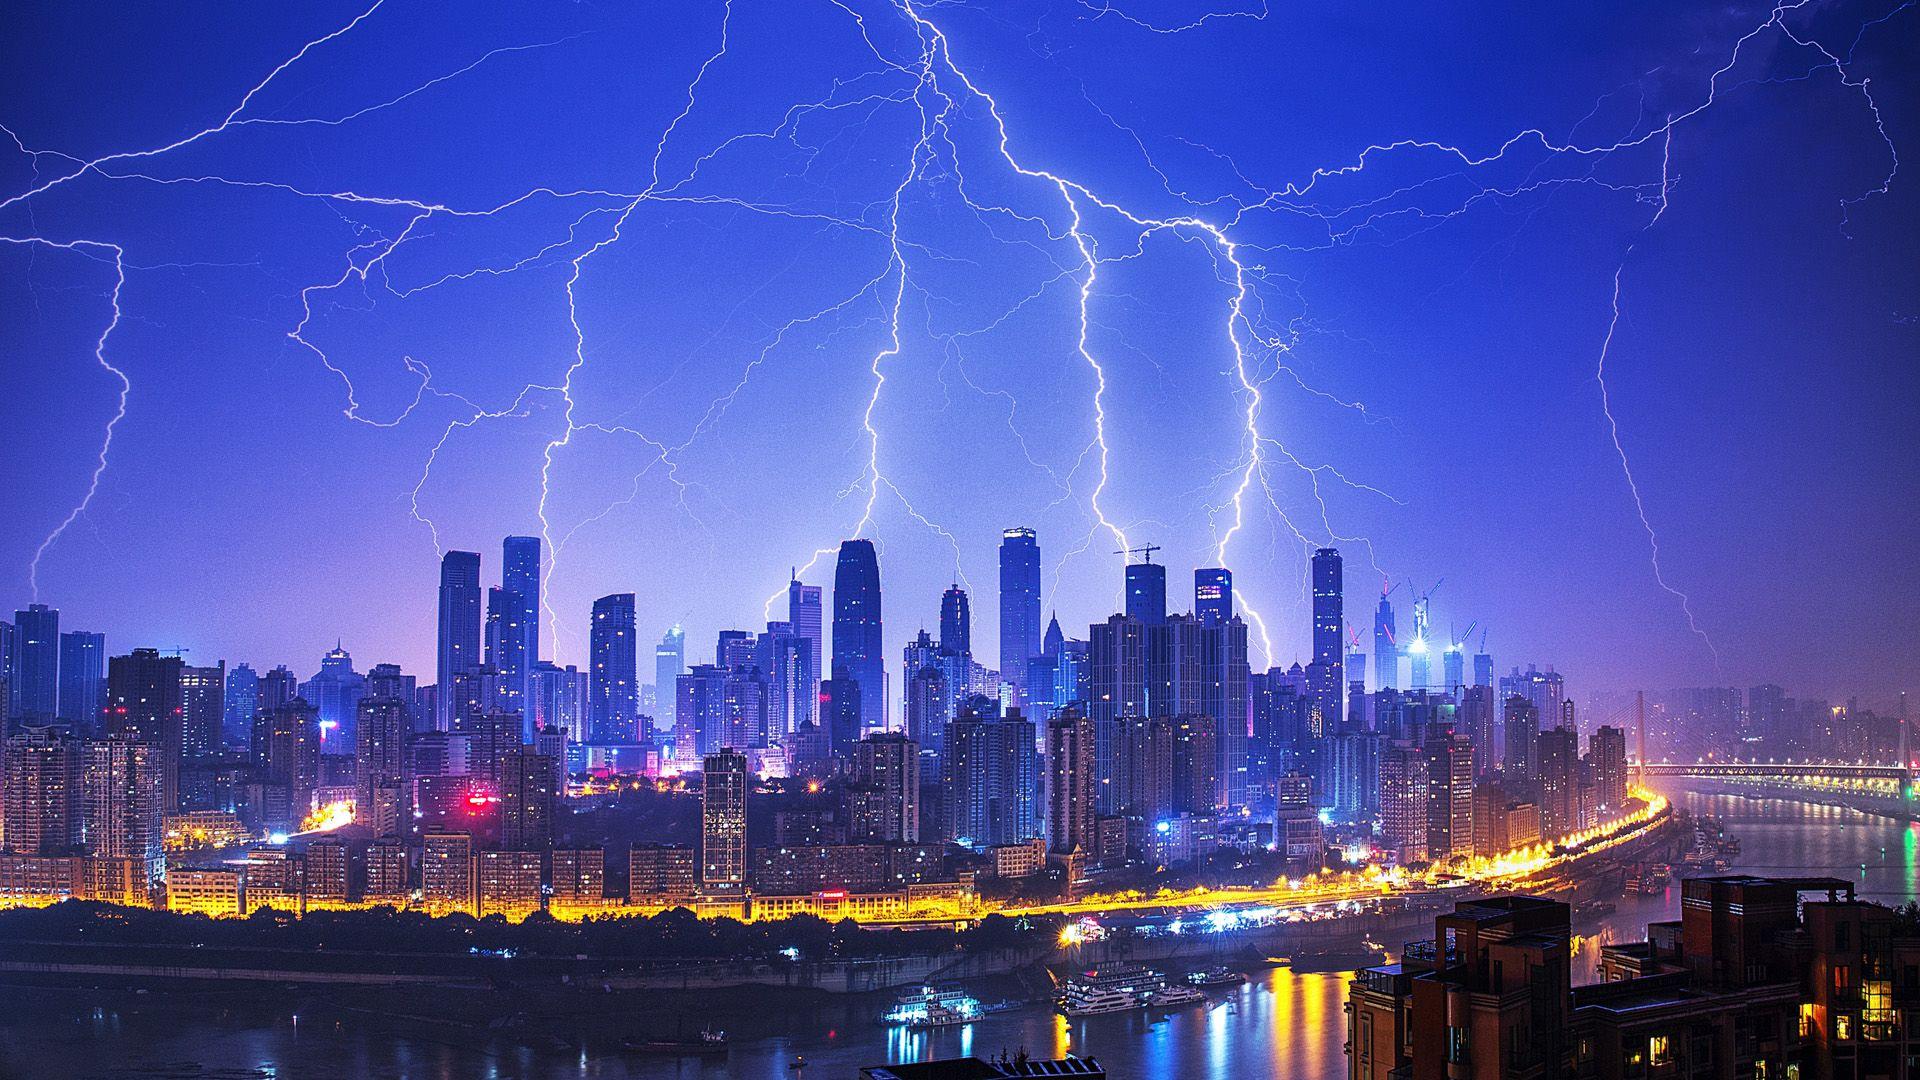 Így fotózz villámot: 7 tipp a tökéletes képhez